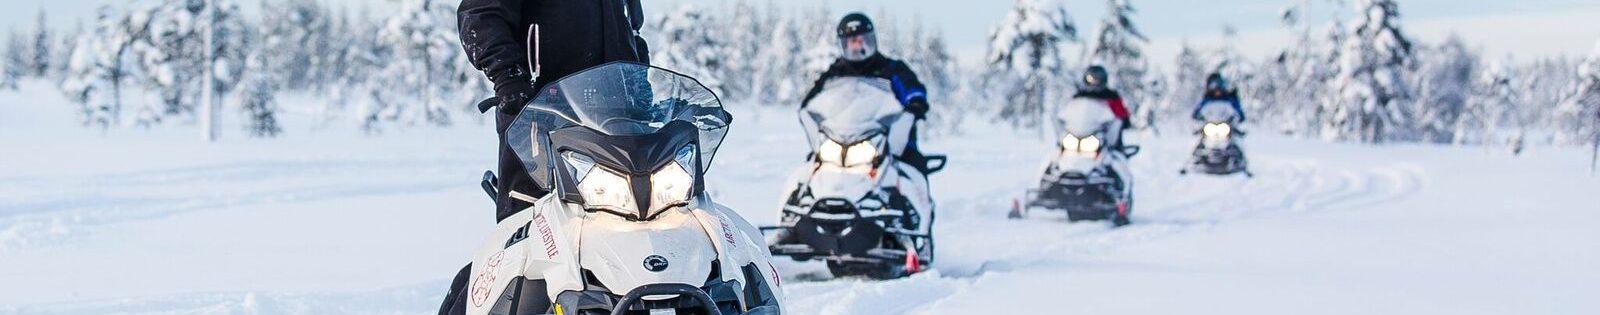 Schneemobil Adventure Perfect Tours Schneemobil Adventure Reisen Finnland (16)